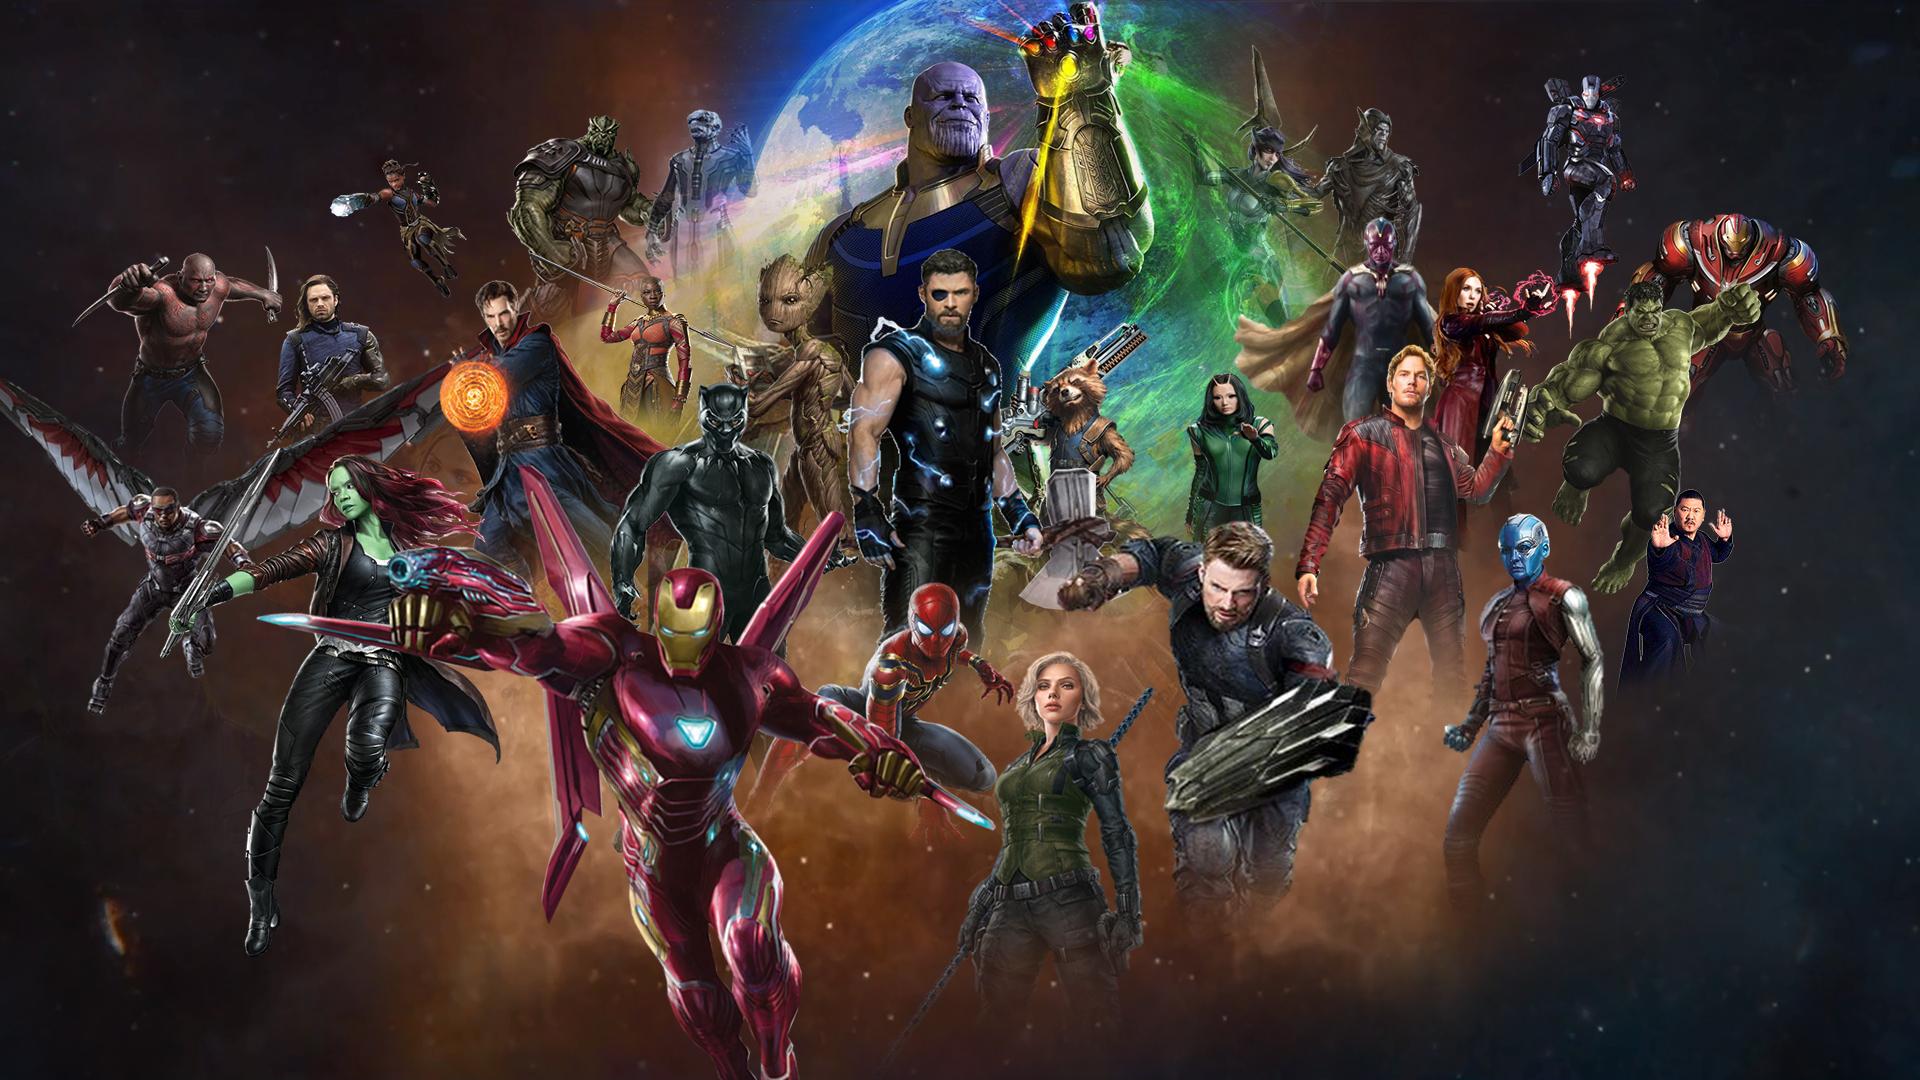 1920x1080 Avengers Infinity War Movie Hd Laptop Full Hd 1080p Hd 4k